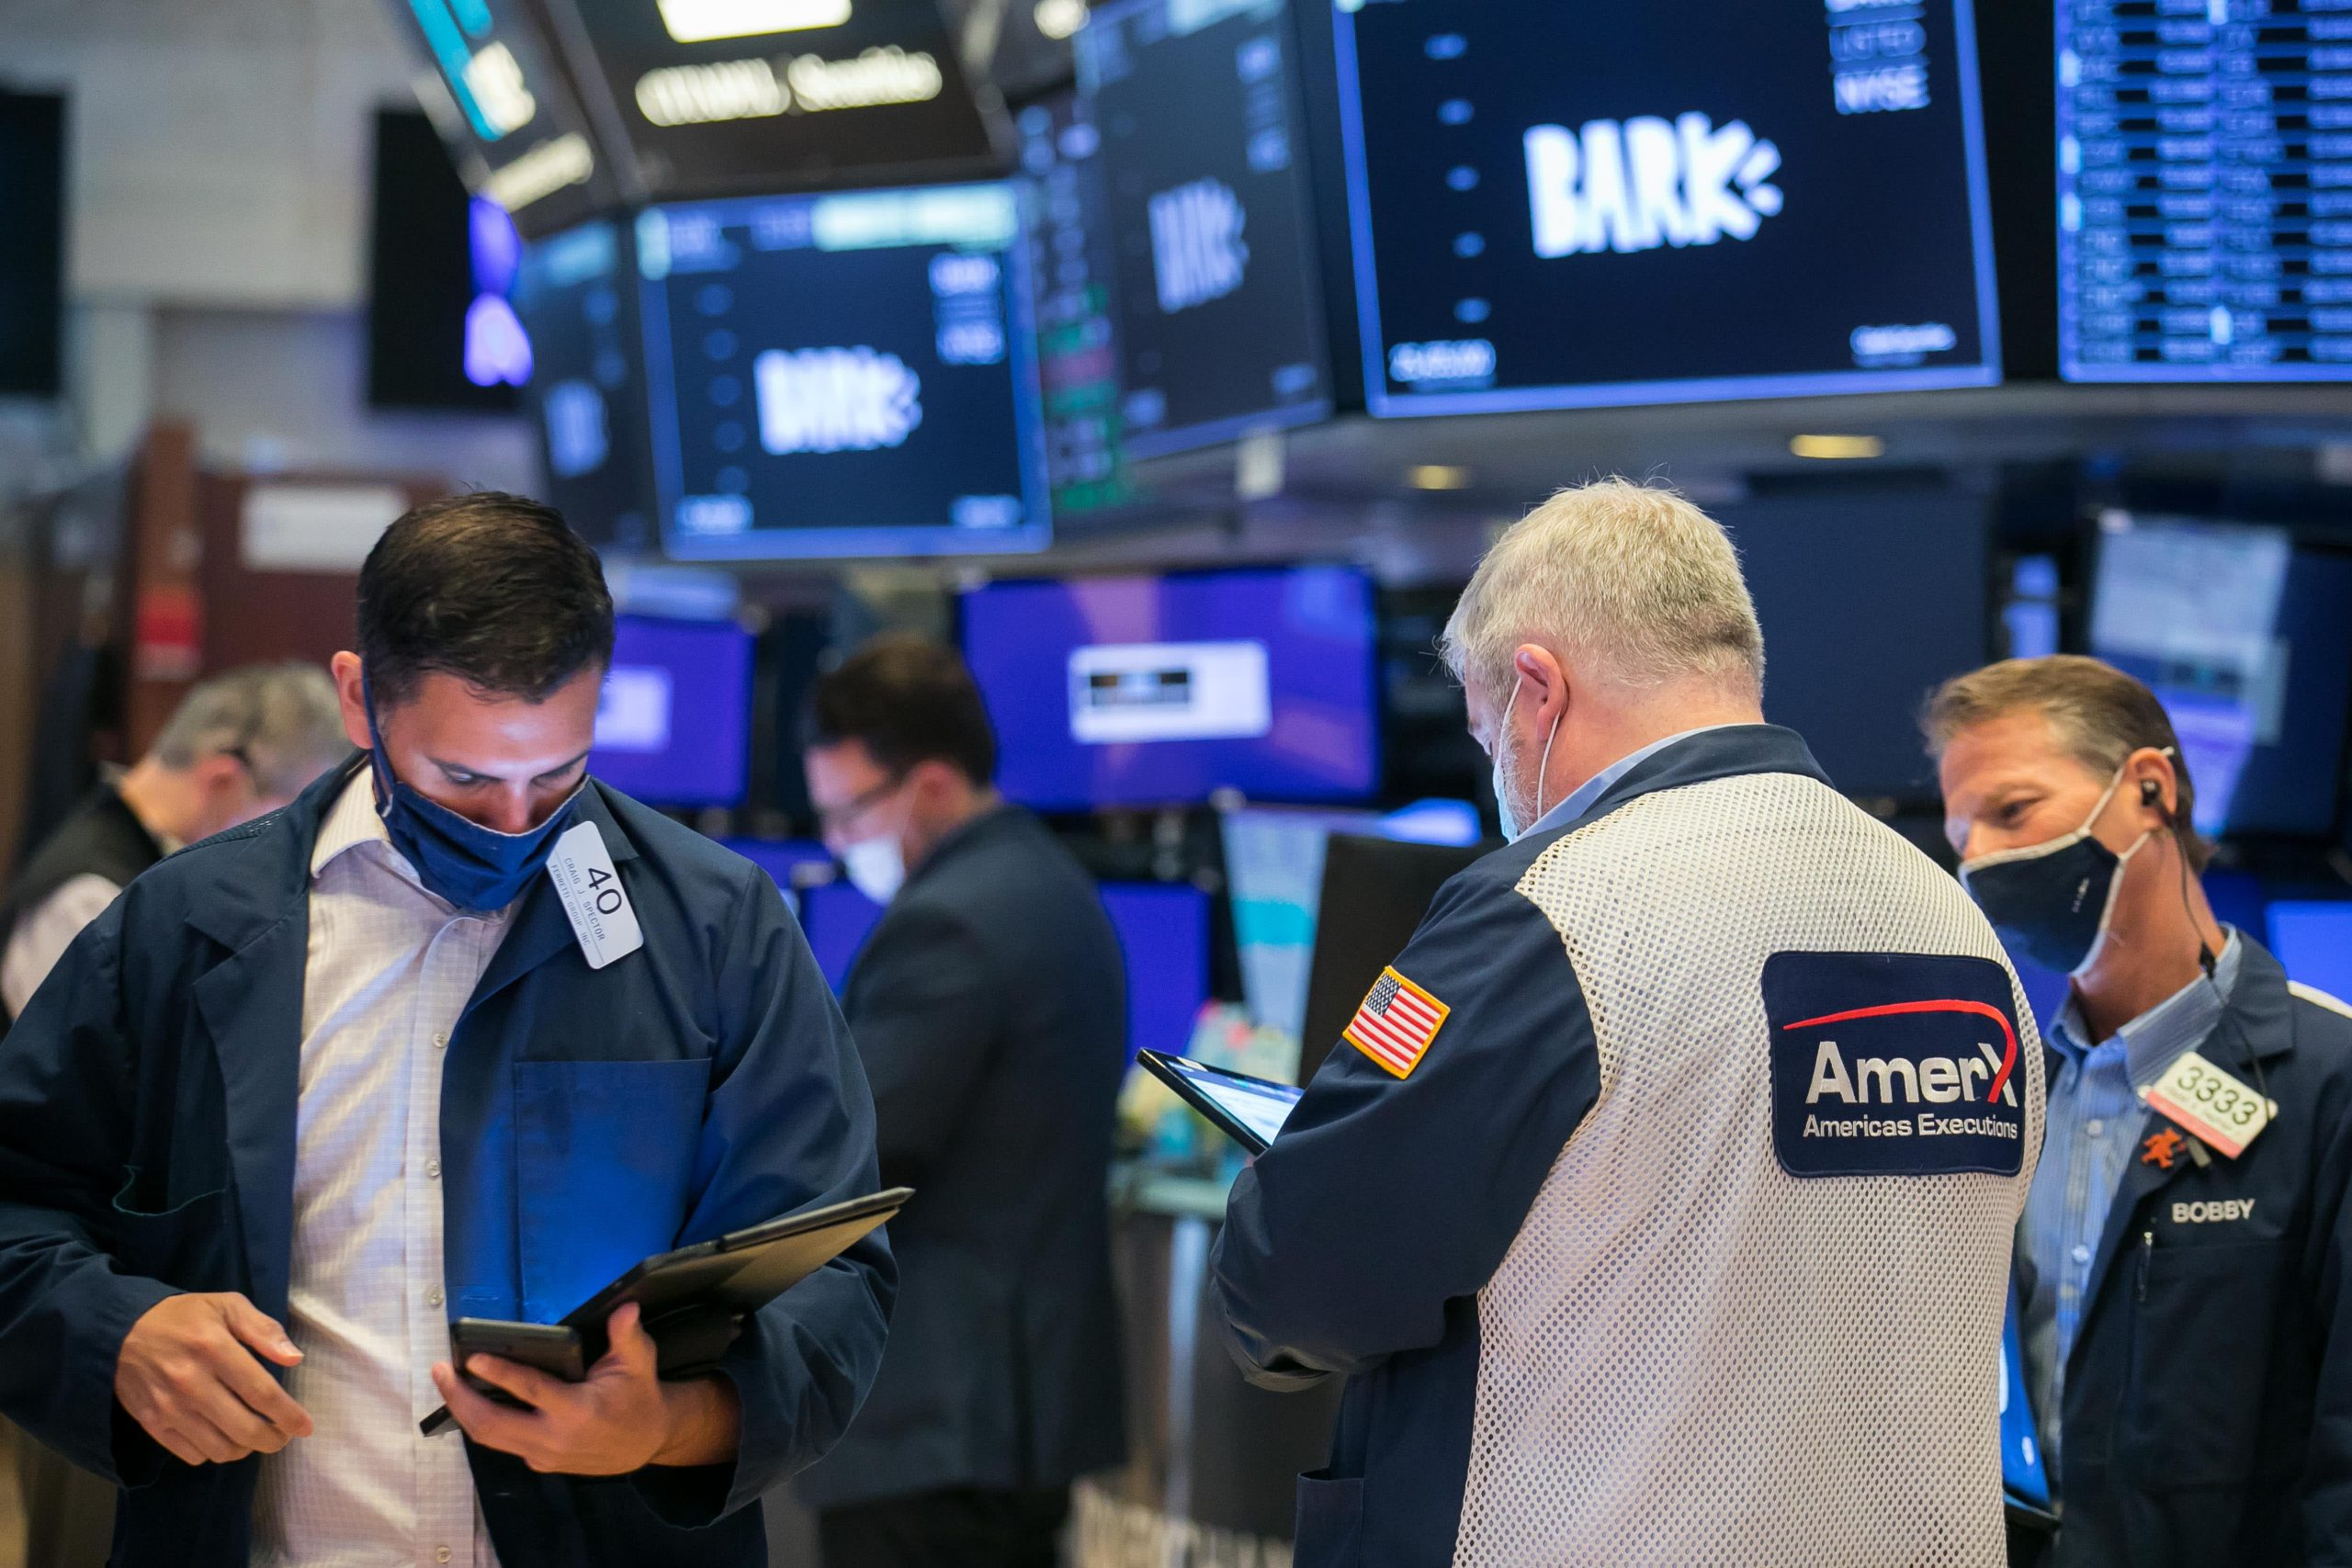 Los futuros de acciones se mantienen planos tras una sesión de Wall Street apagada